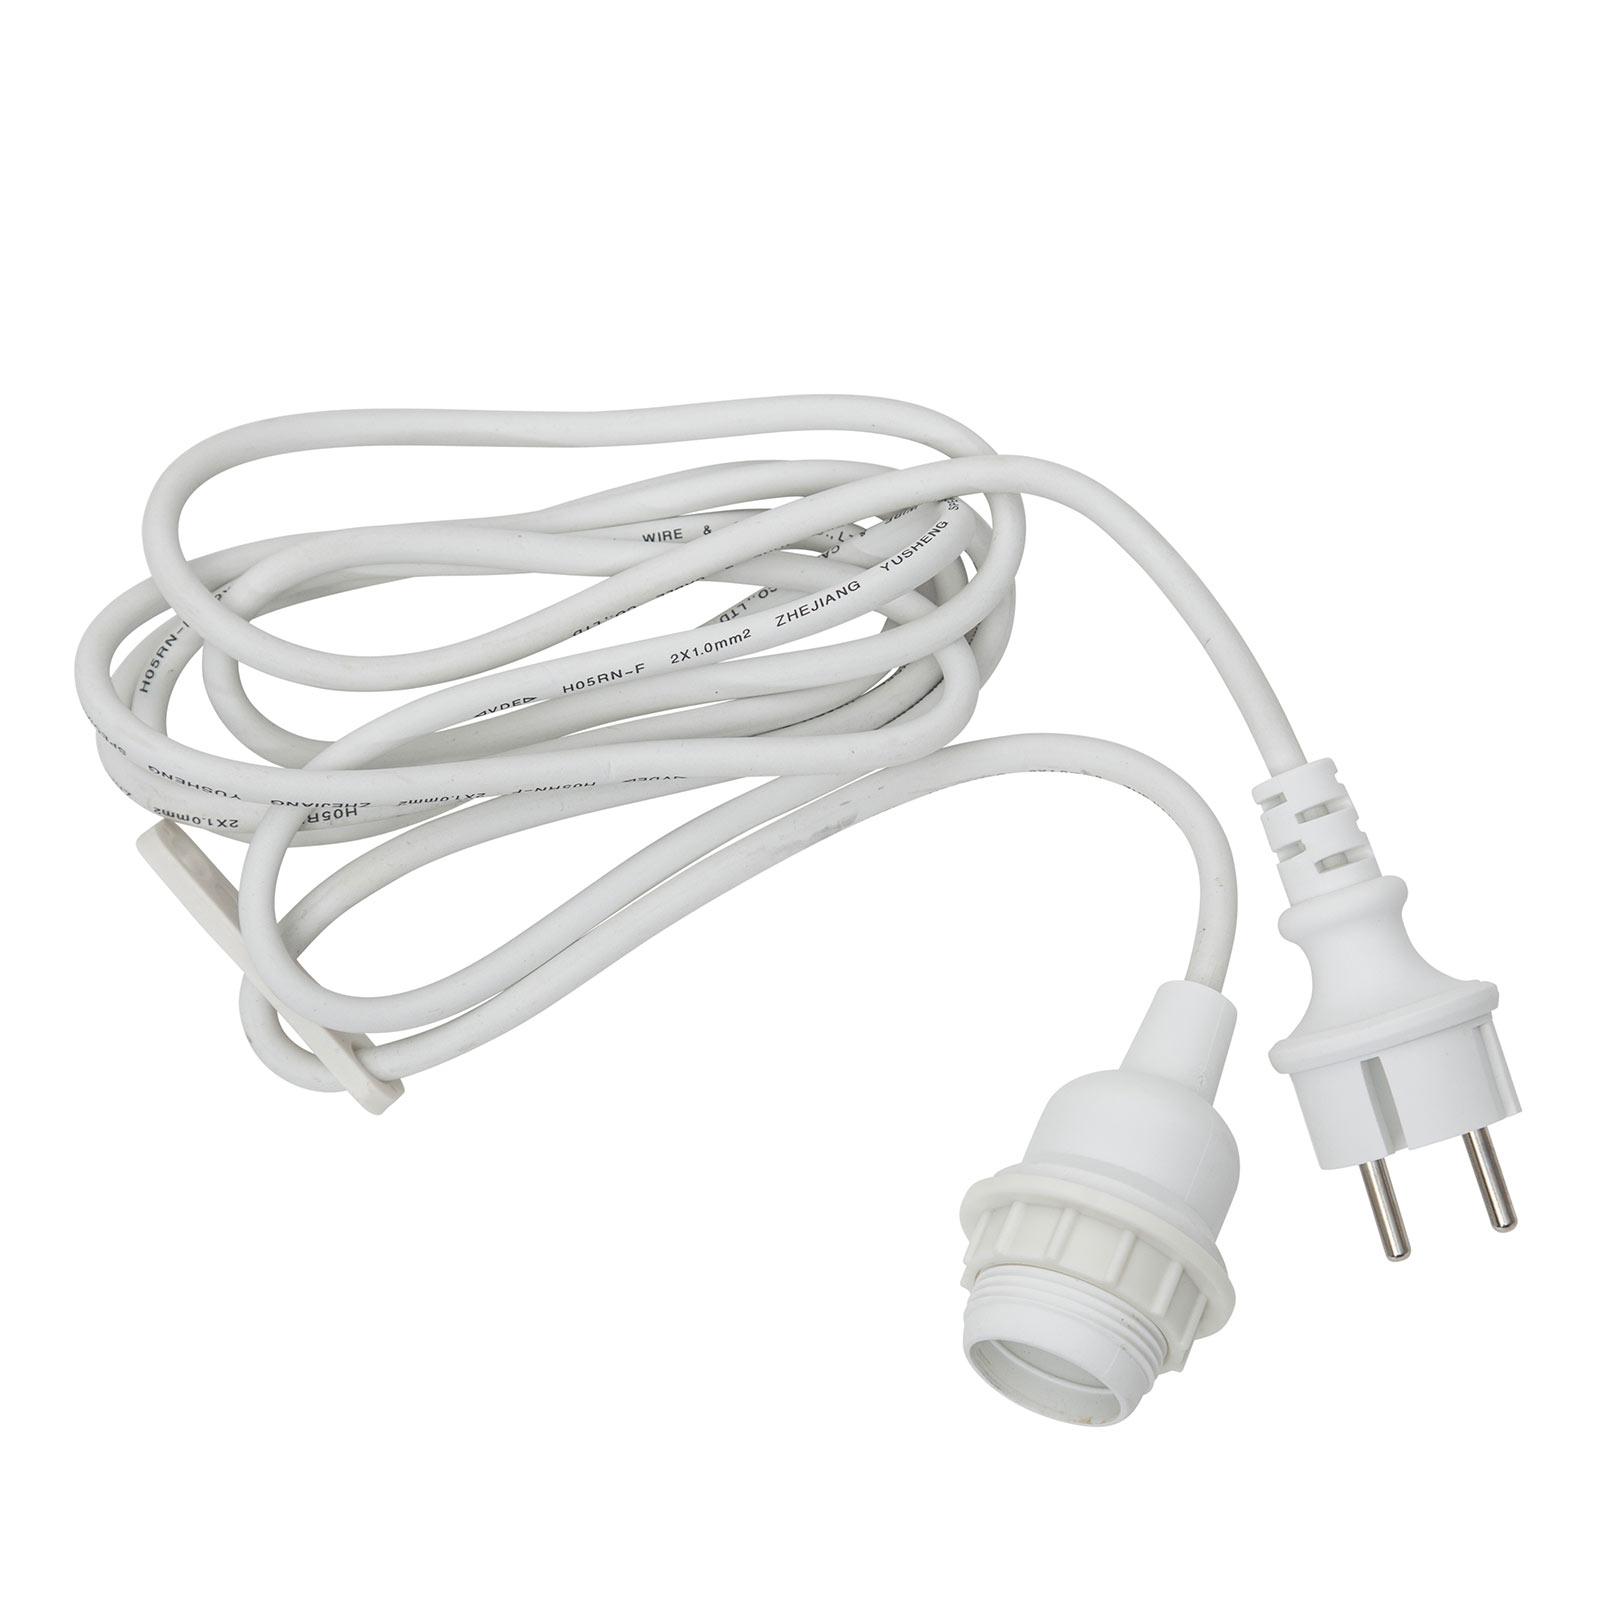 Casquillo E27 con cable Ute, 2,5 m, blanco